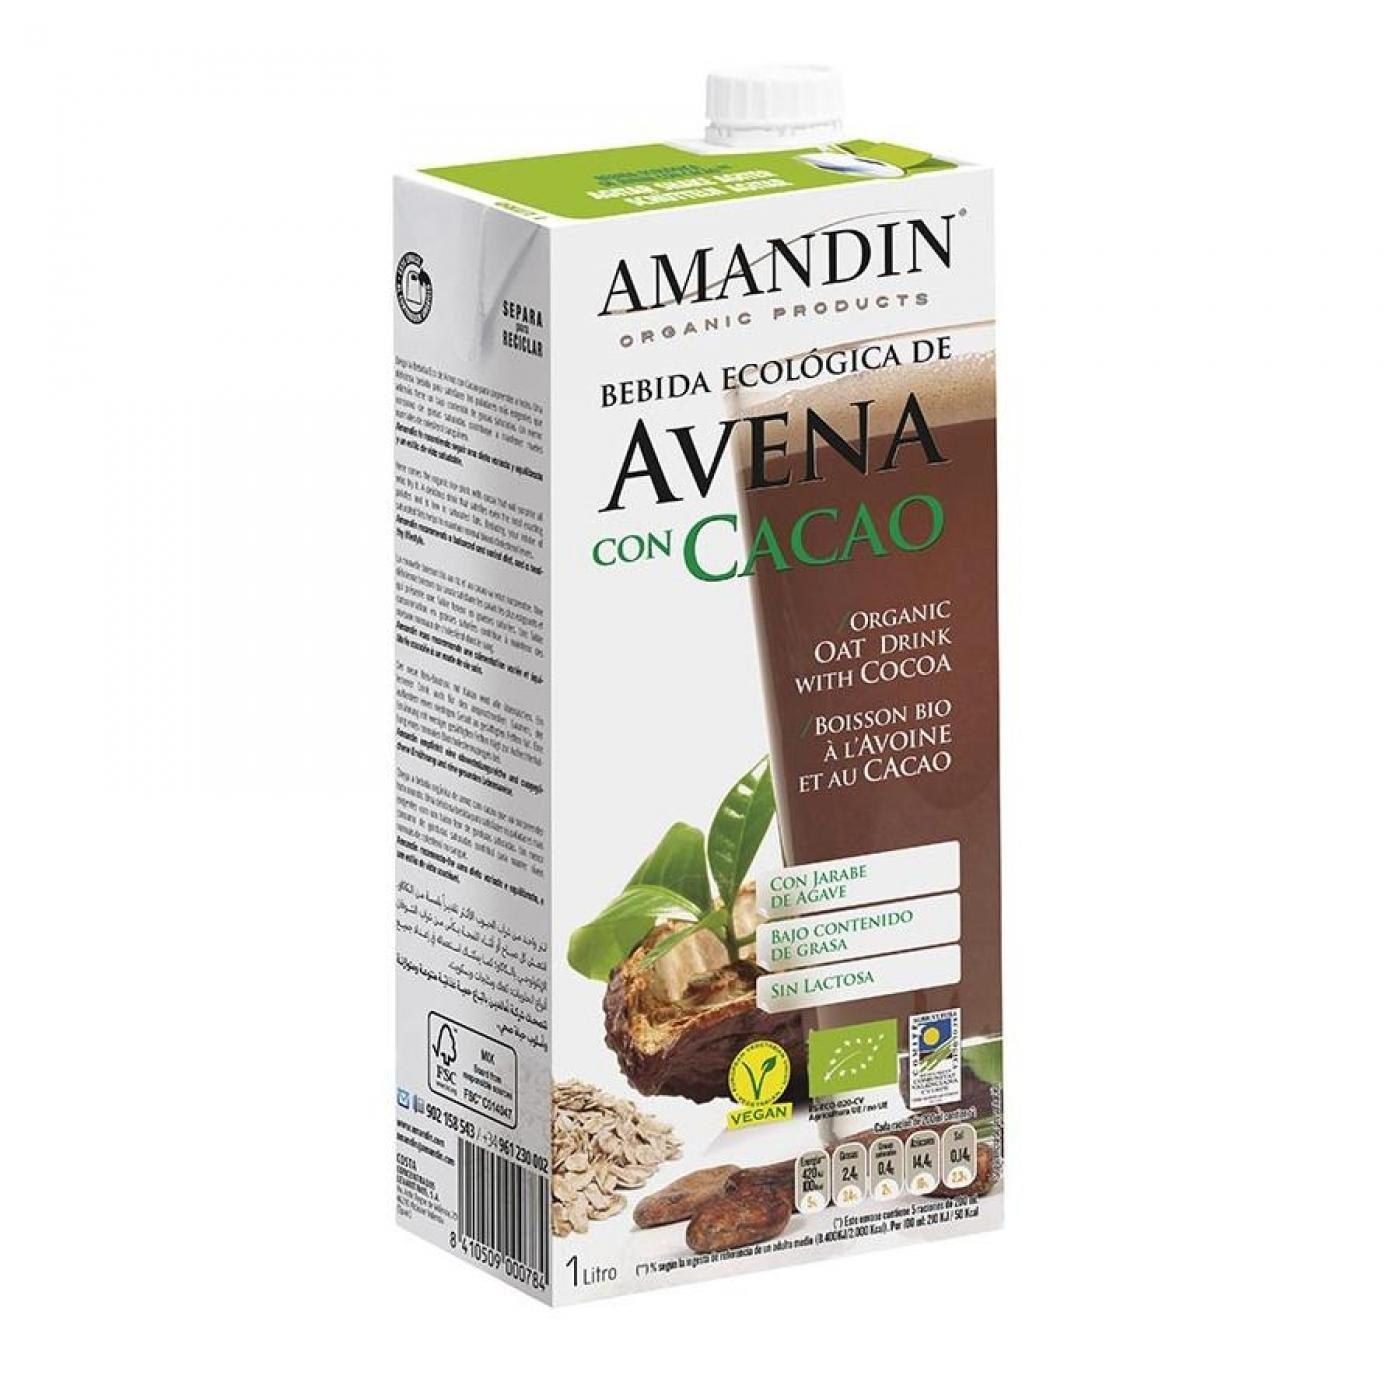 Amandin- Bebida de Avena con Cacao, 1 L: Amazon.es: Salud y cuidado personal